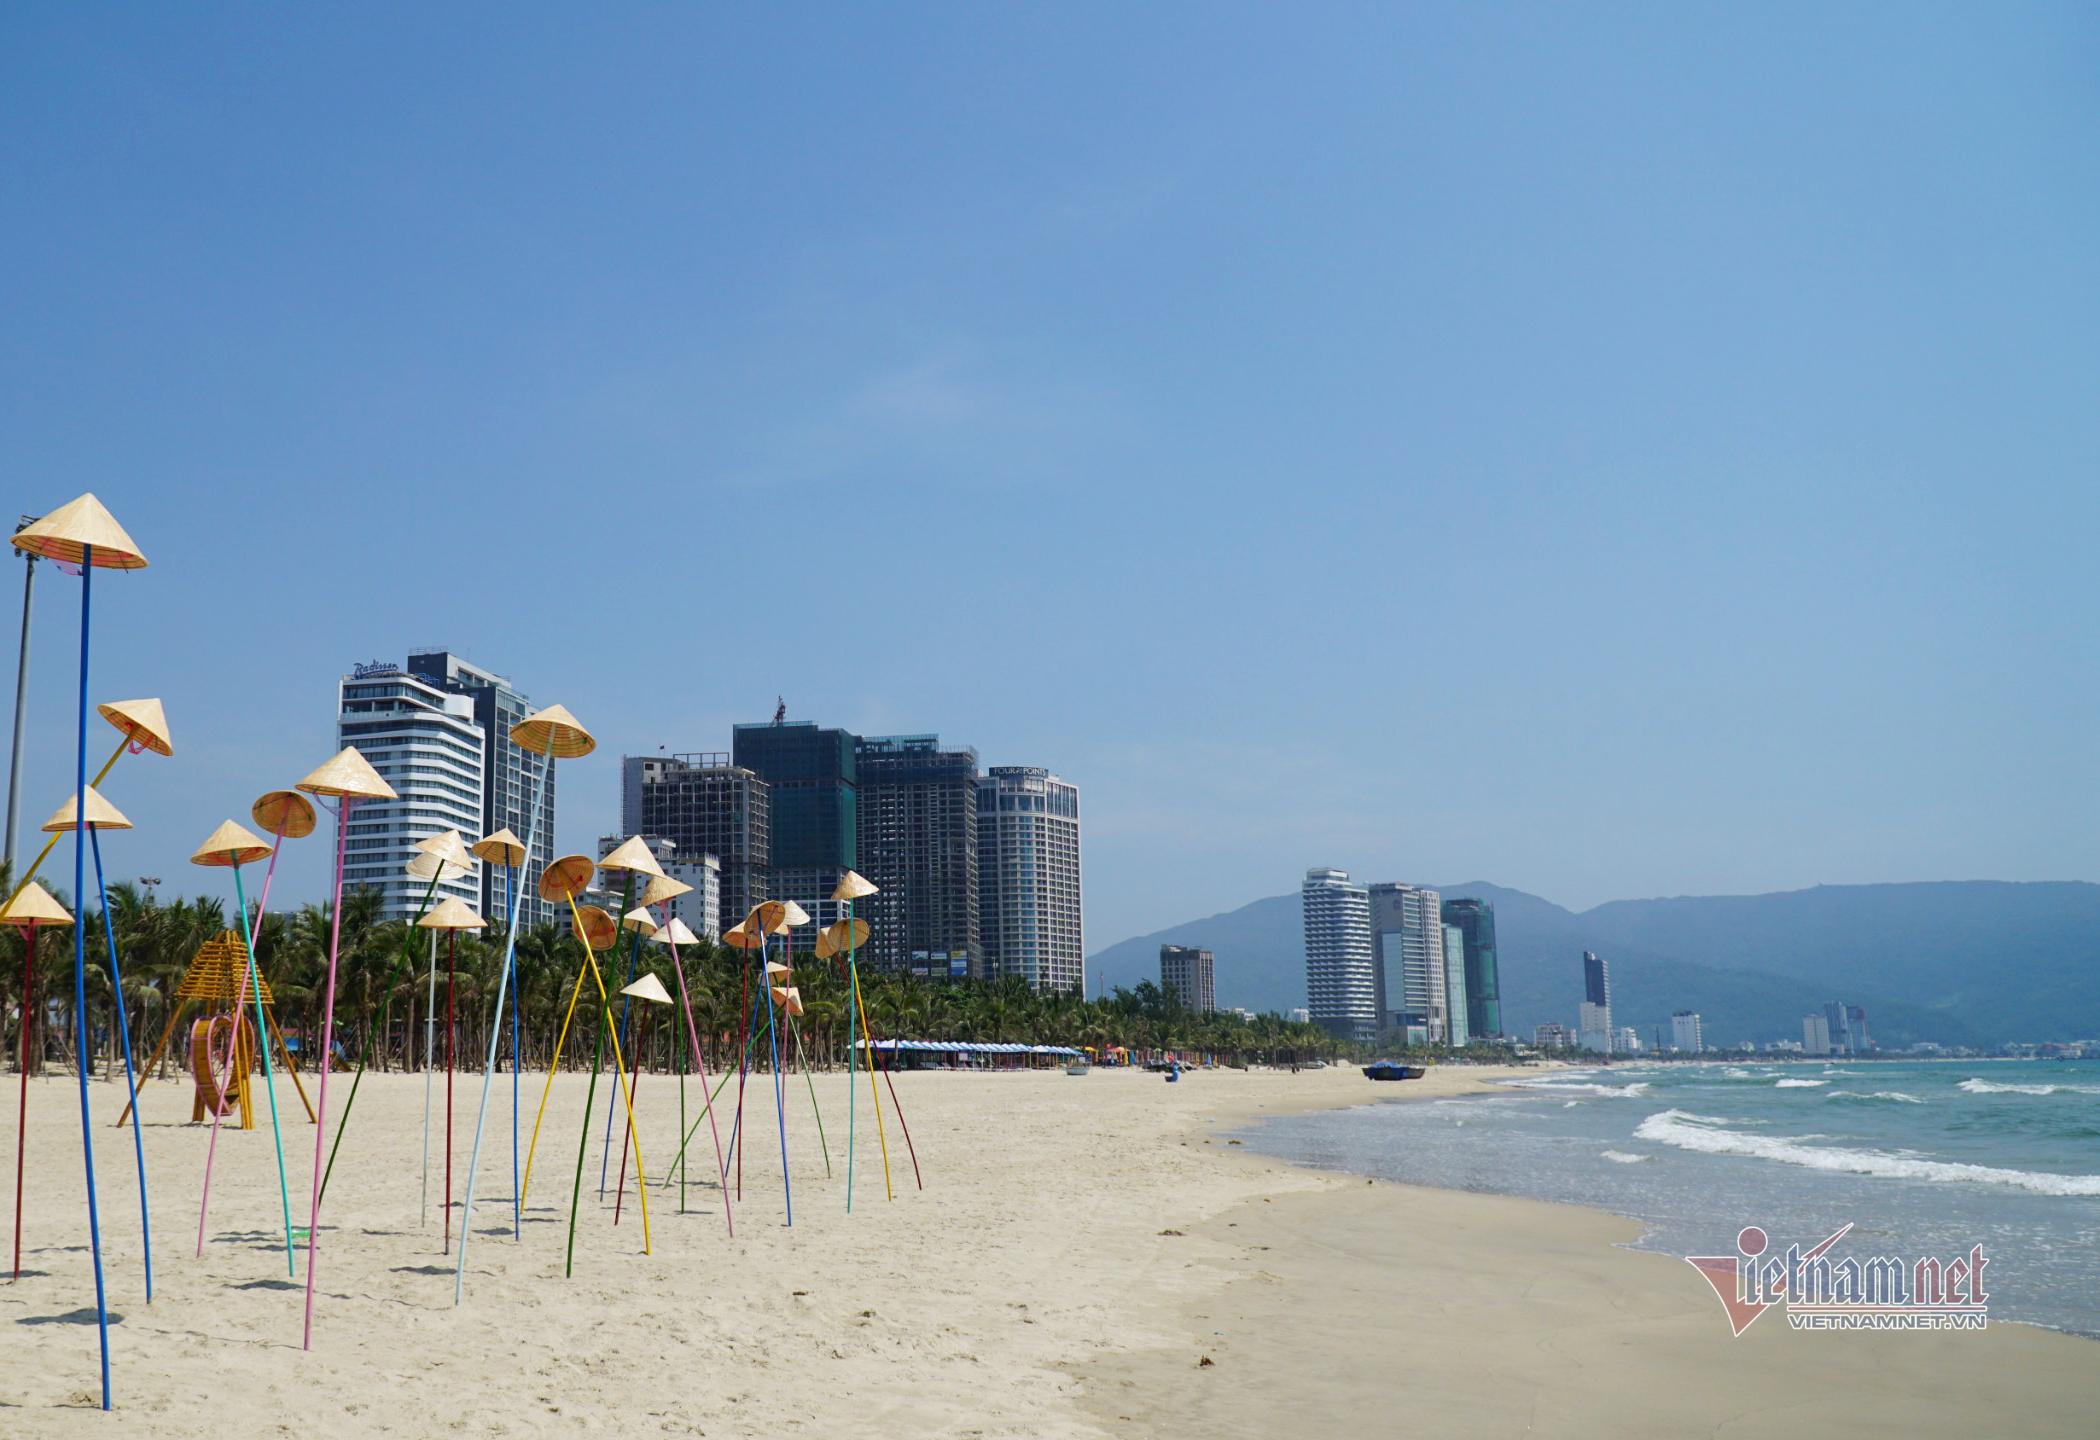 Bãi biển, khu vui chơi ở Đà Nẵng vắng bóng người sau lệnh cấm